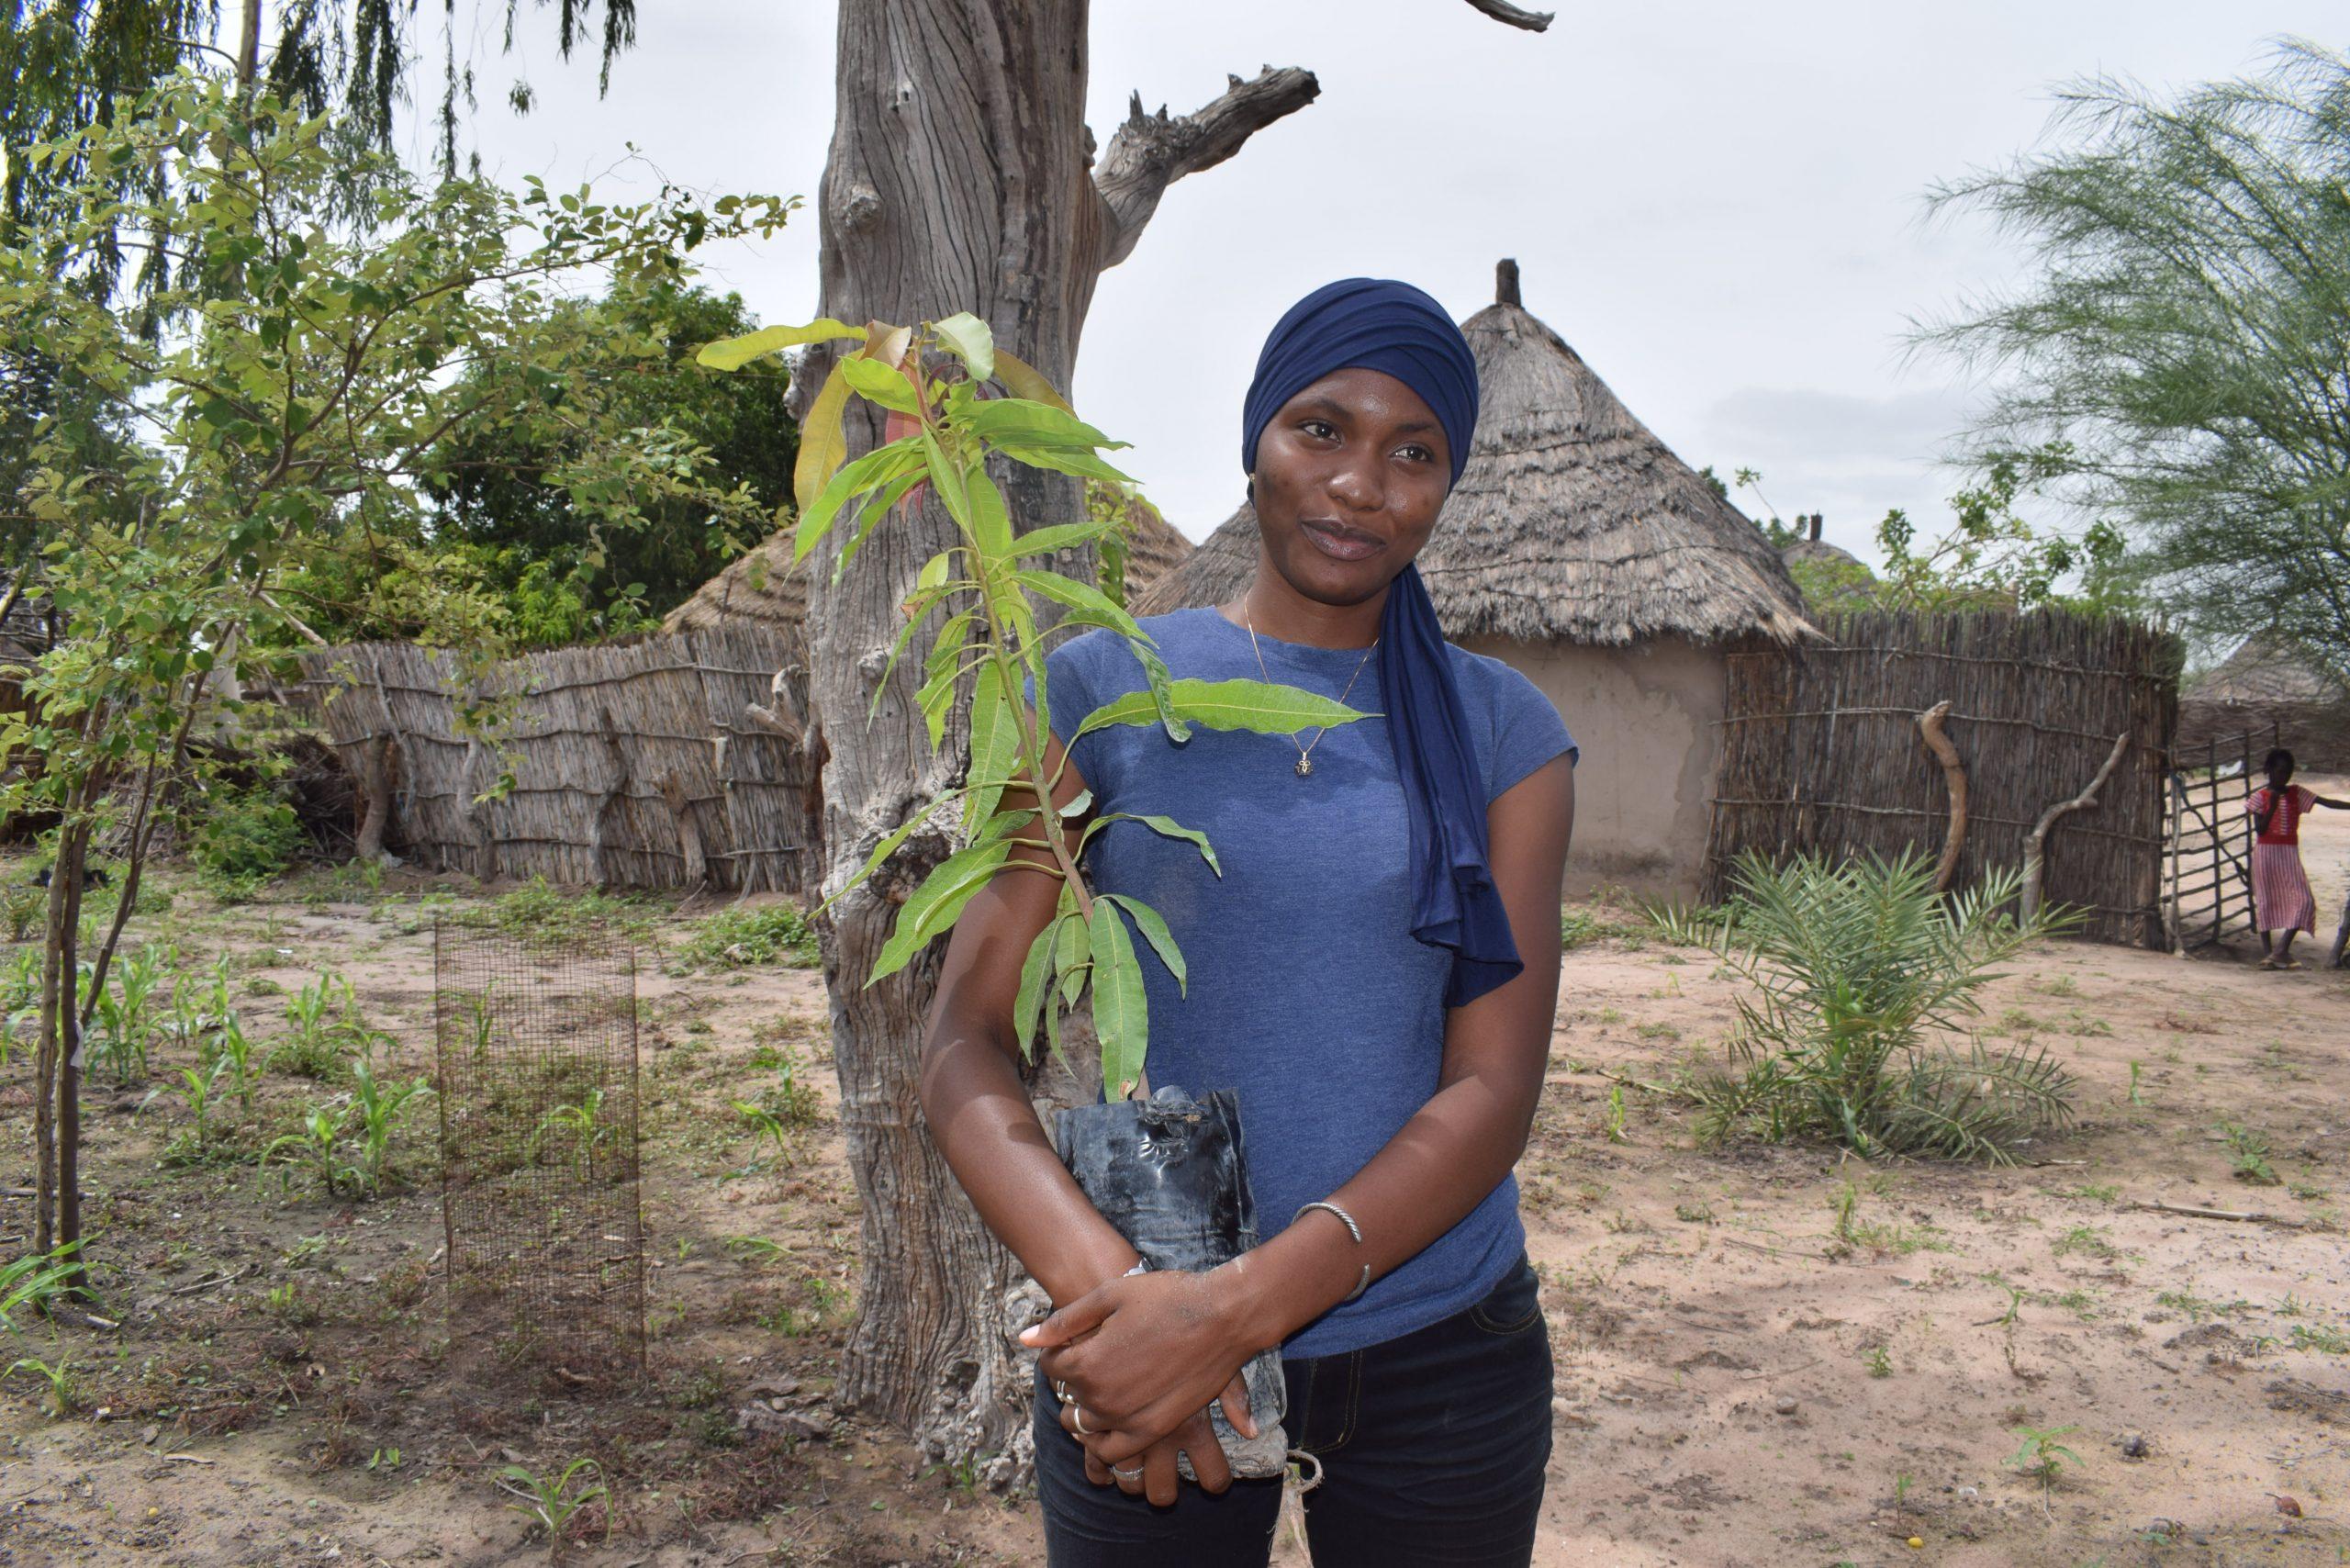 Sénégal : Fatoumata Diedhiou parmi les lauréats du prix inaugural SRIC 30 Under 30